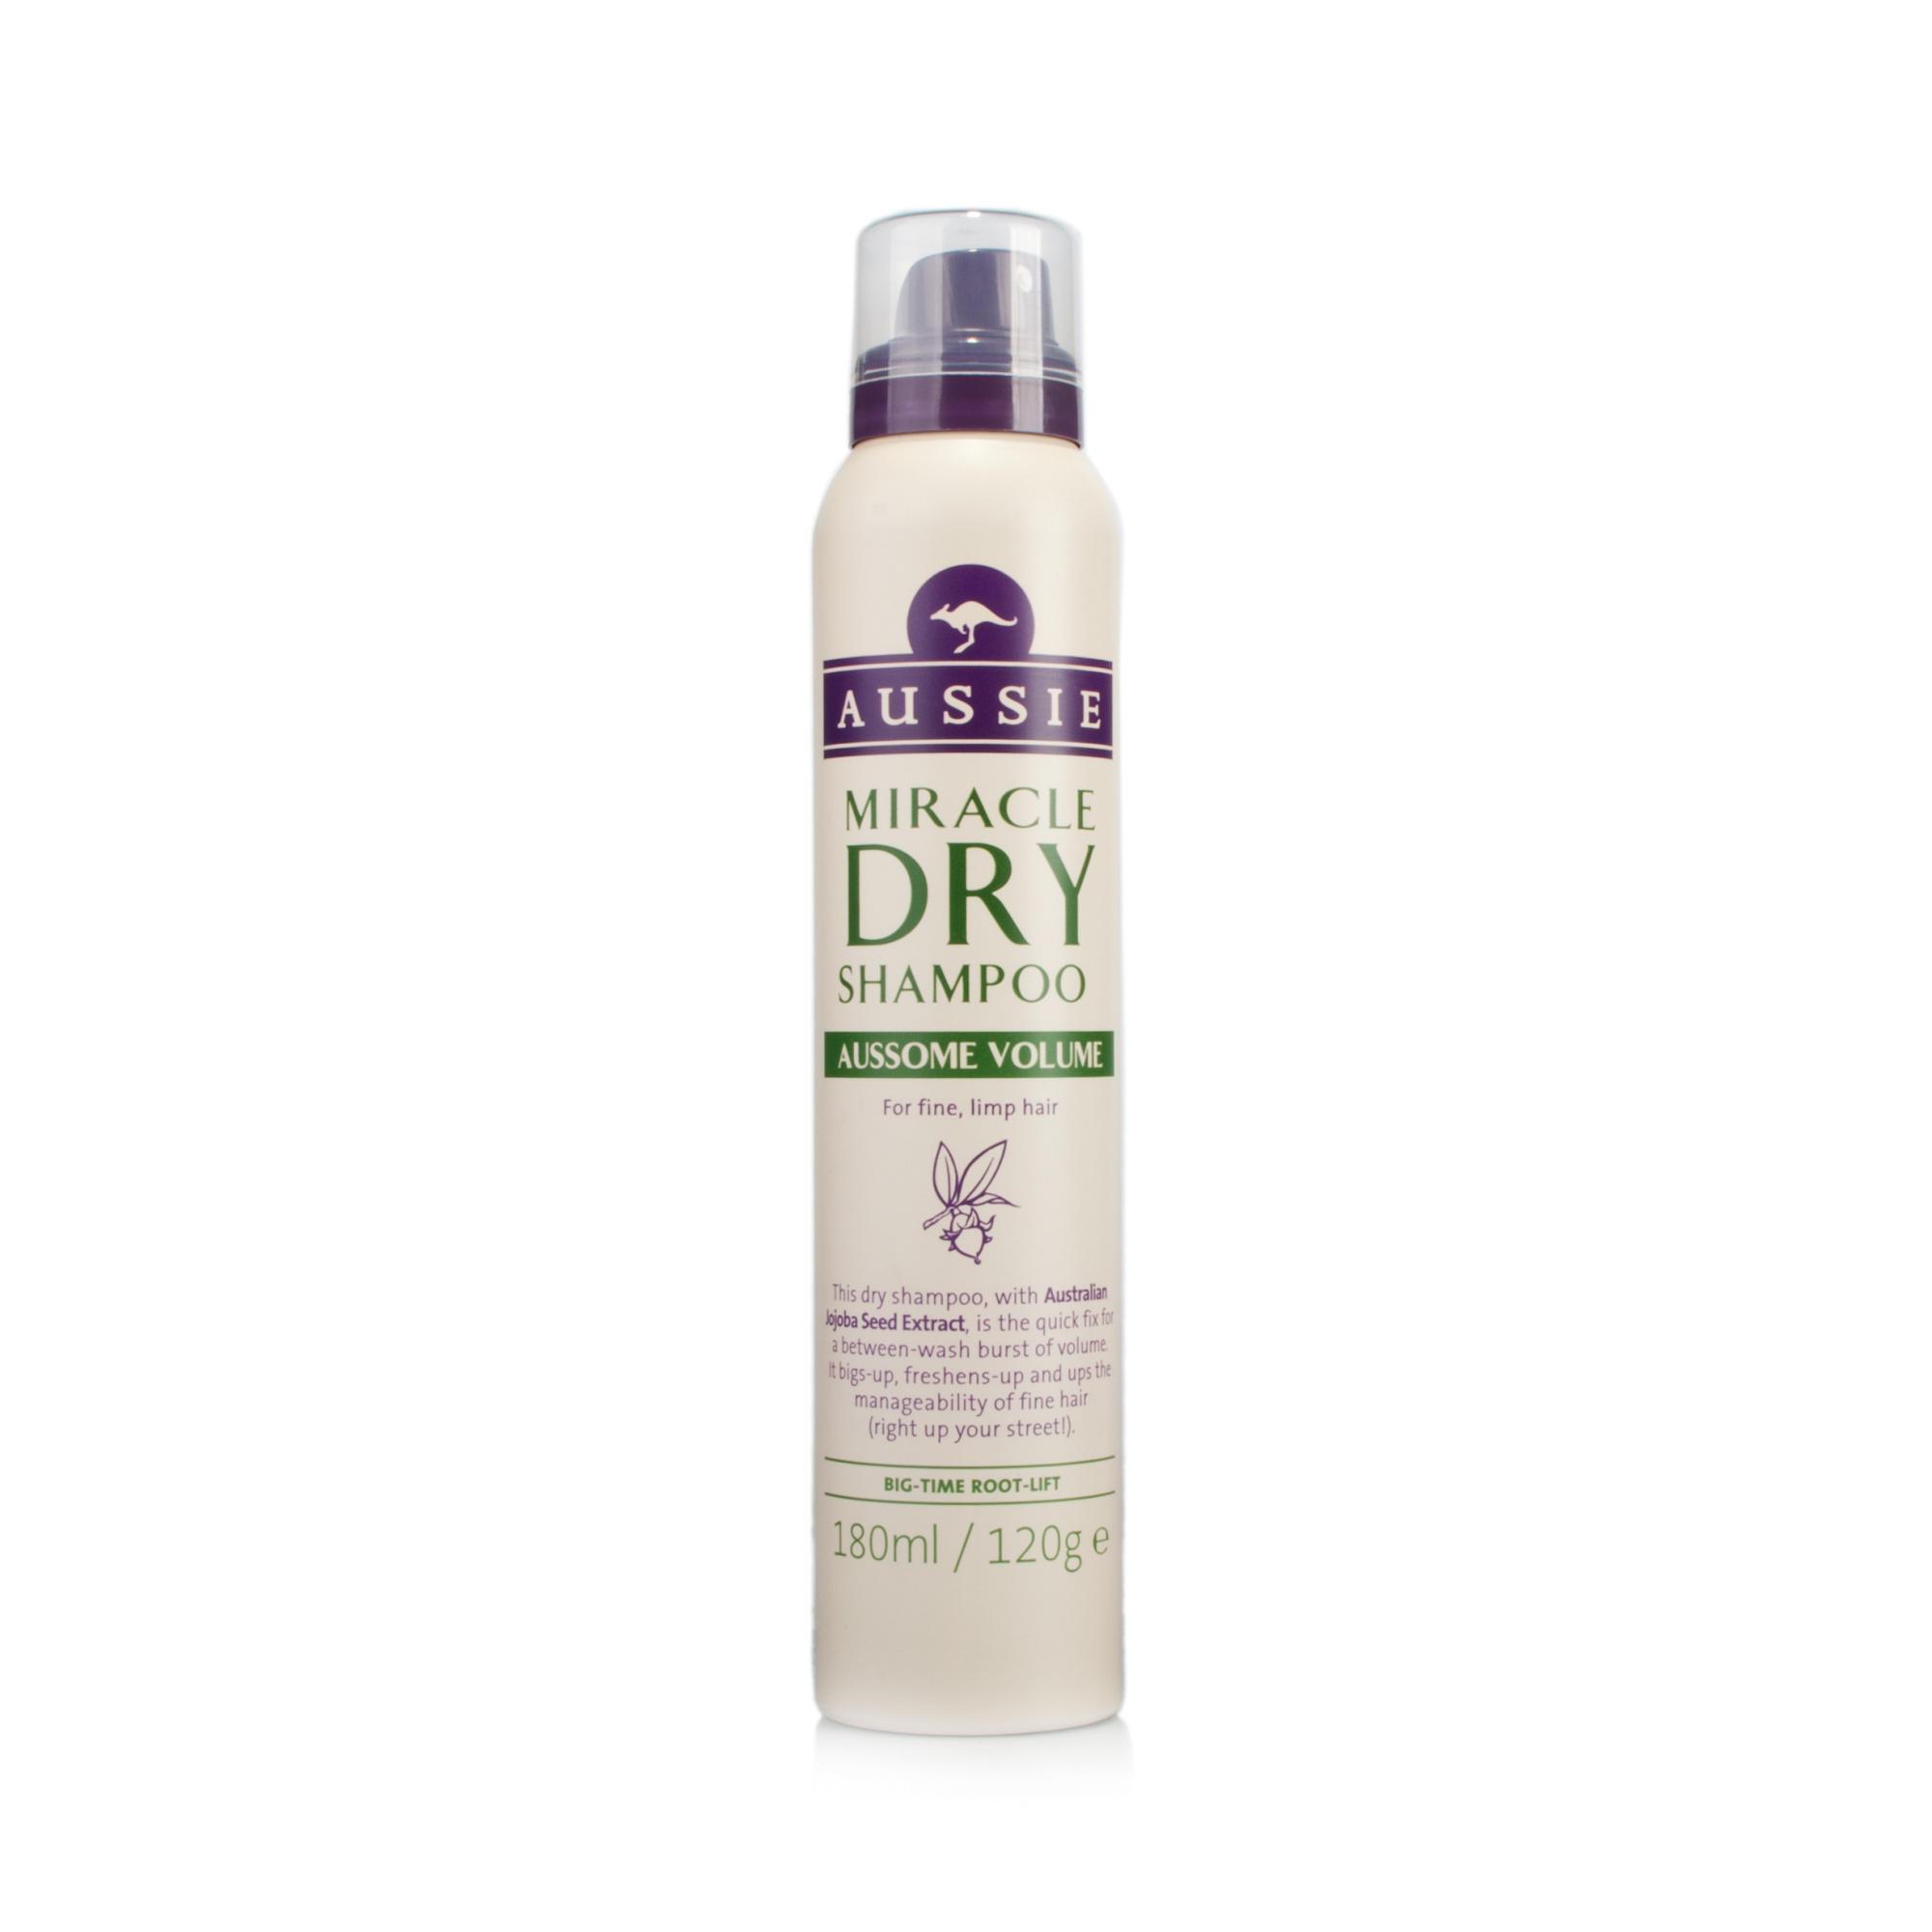 Aussie Dry Shampoo Aussome Volume